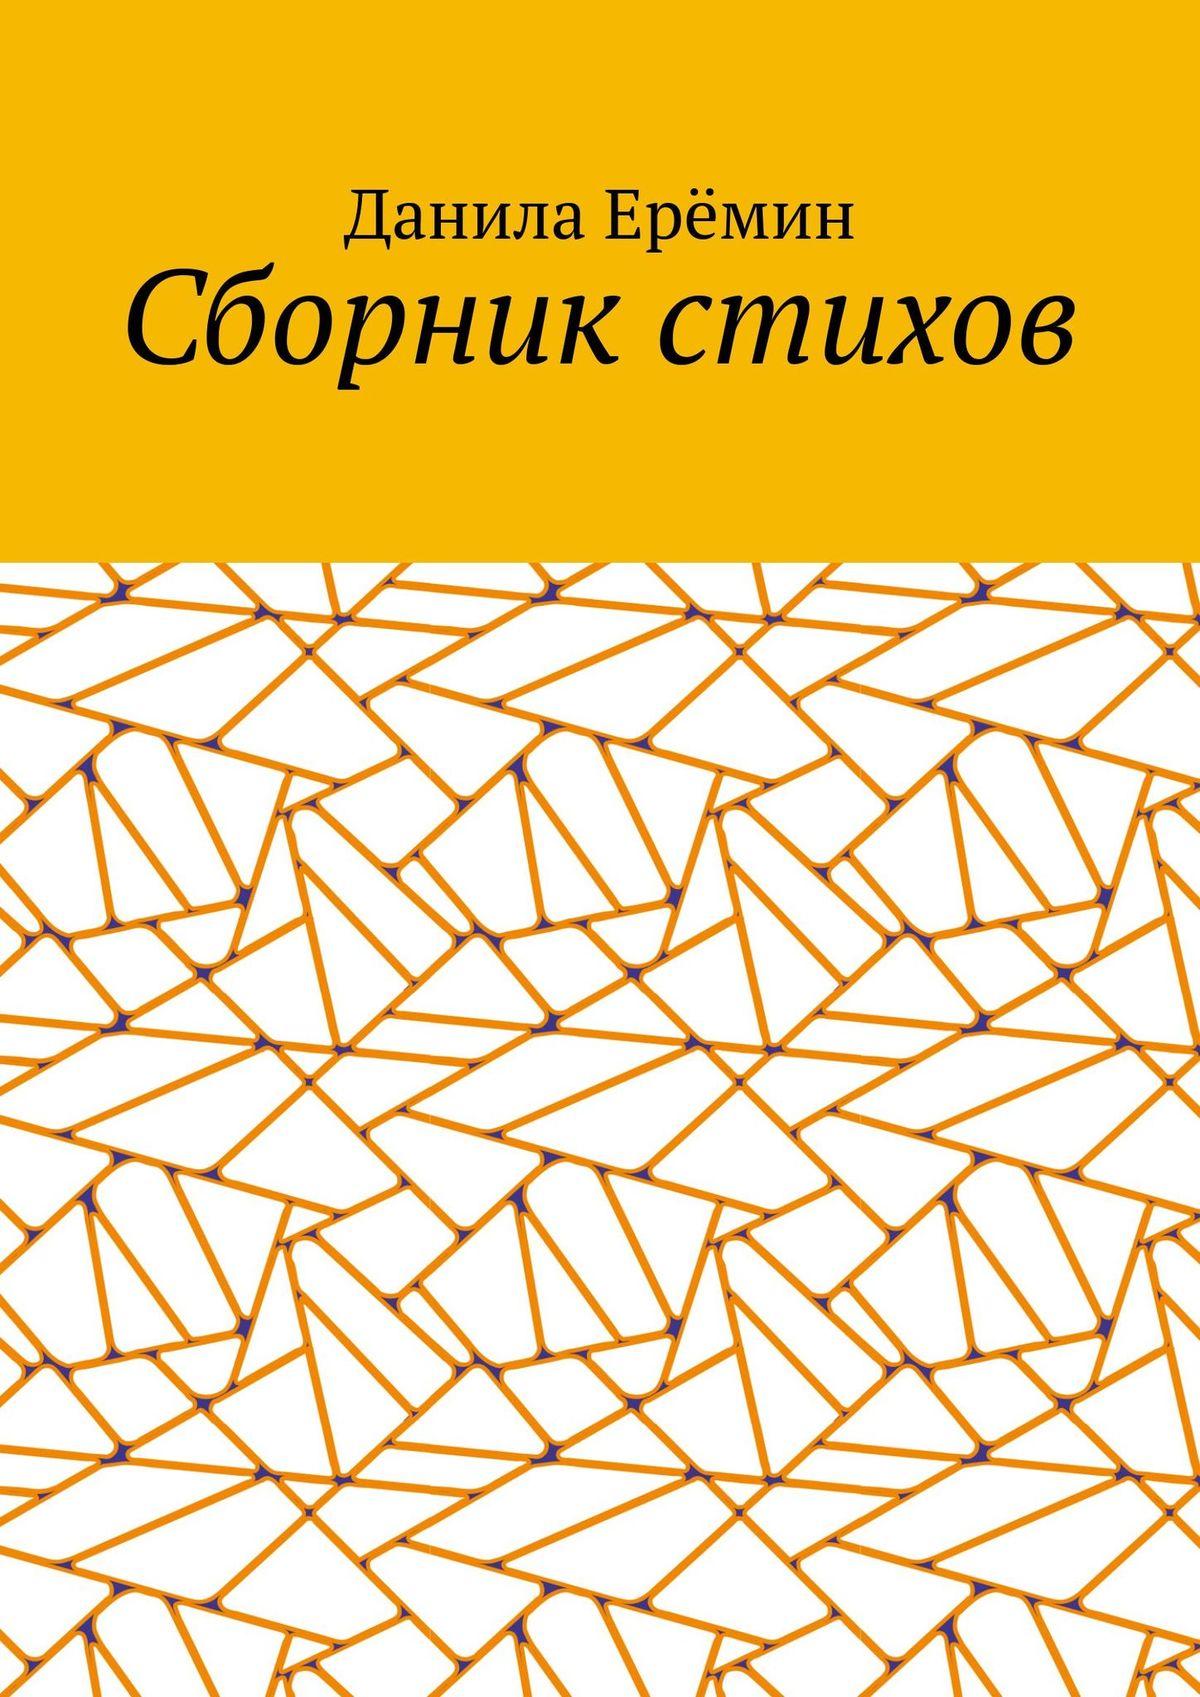 цена на Данила Александрович Ерёмин Сборник стихов